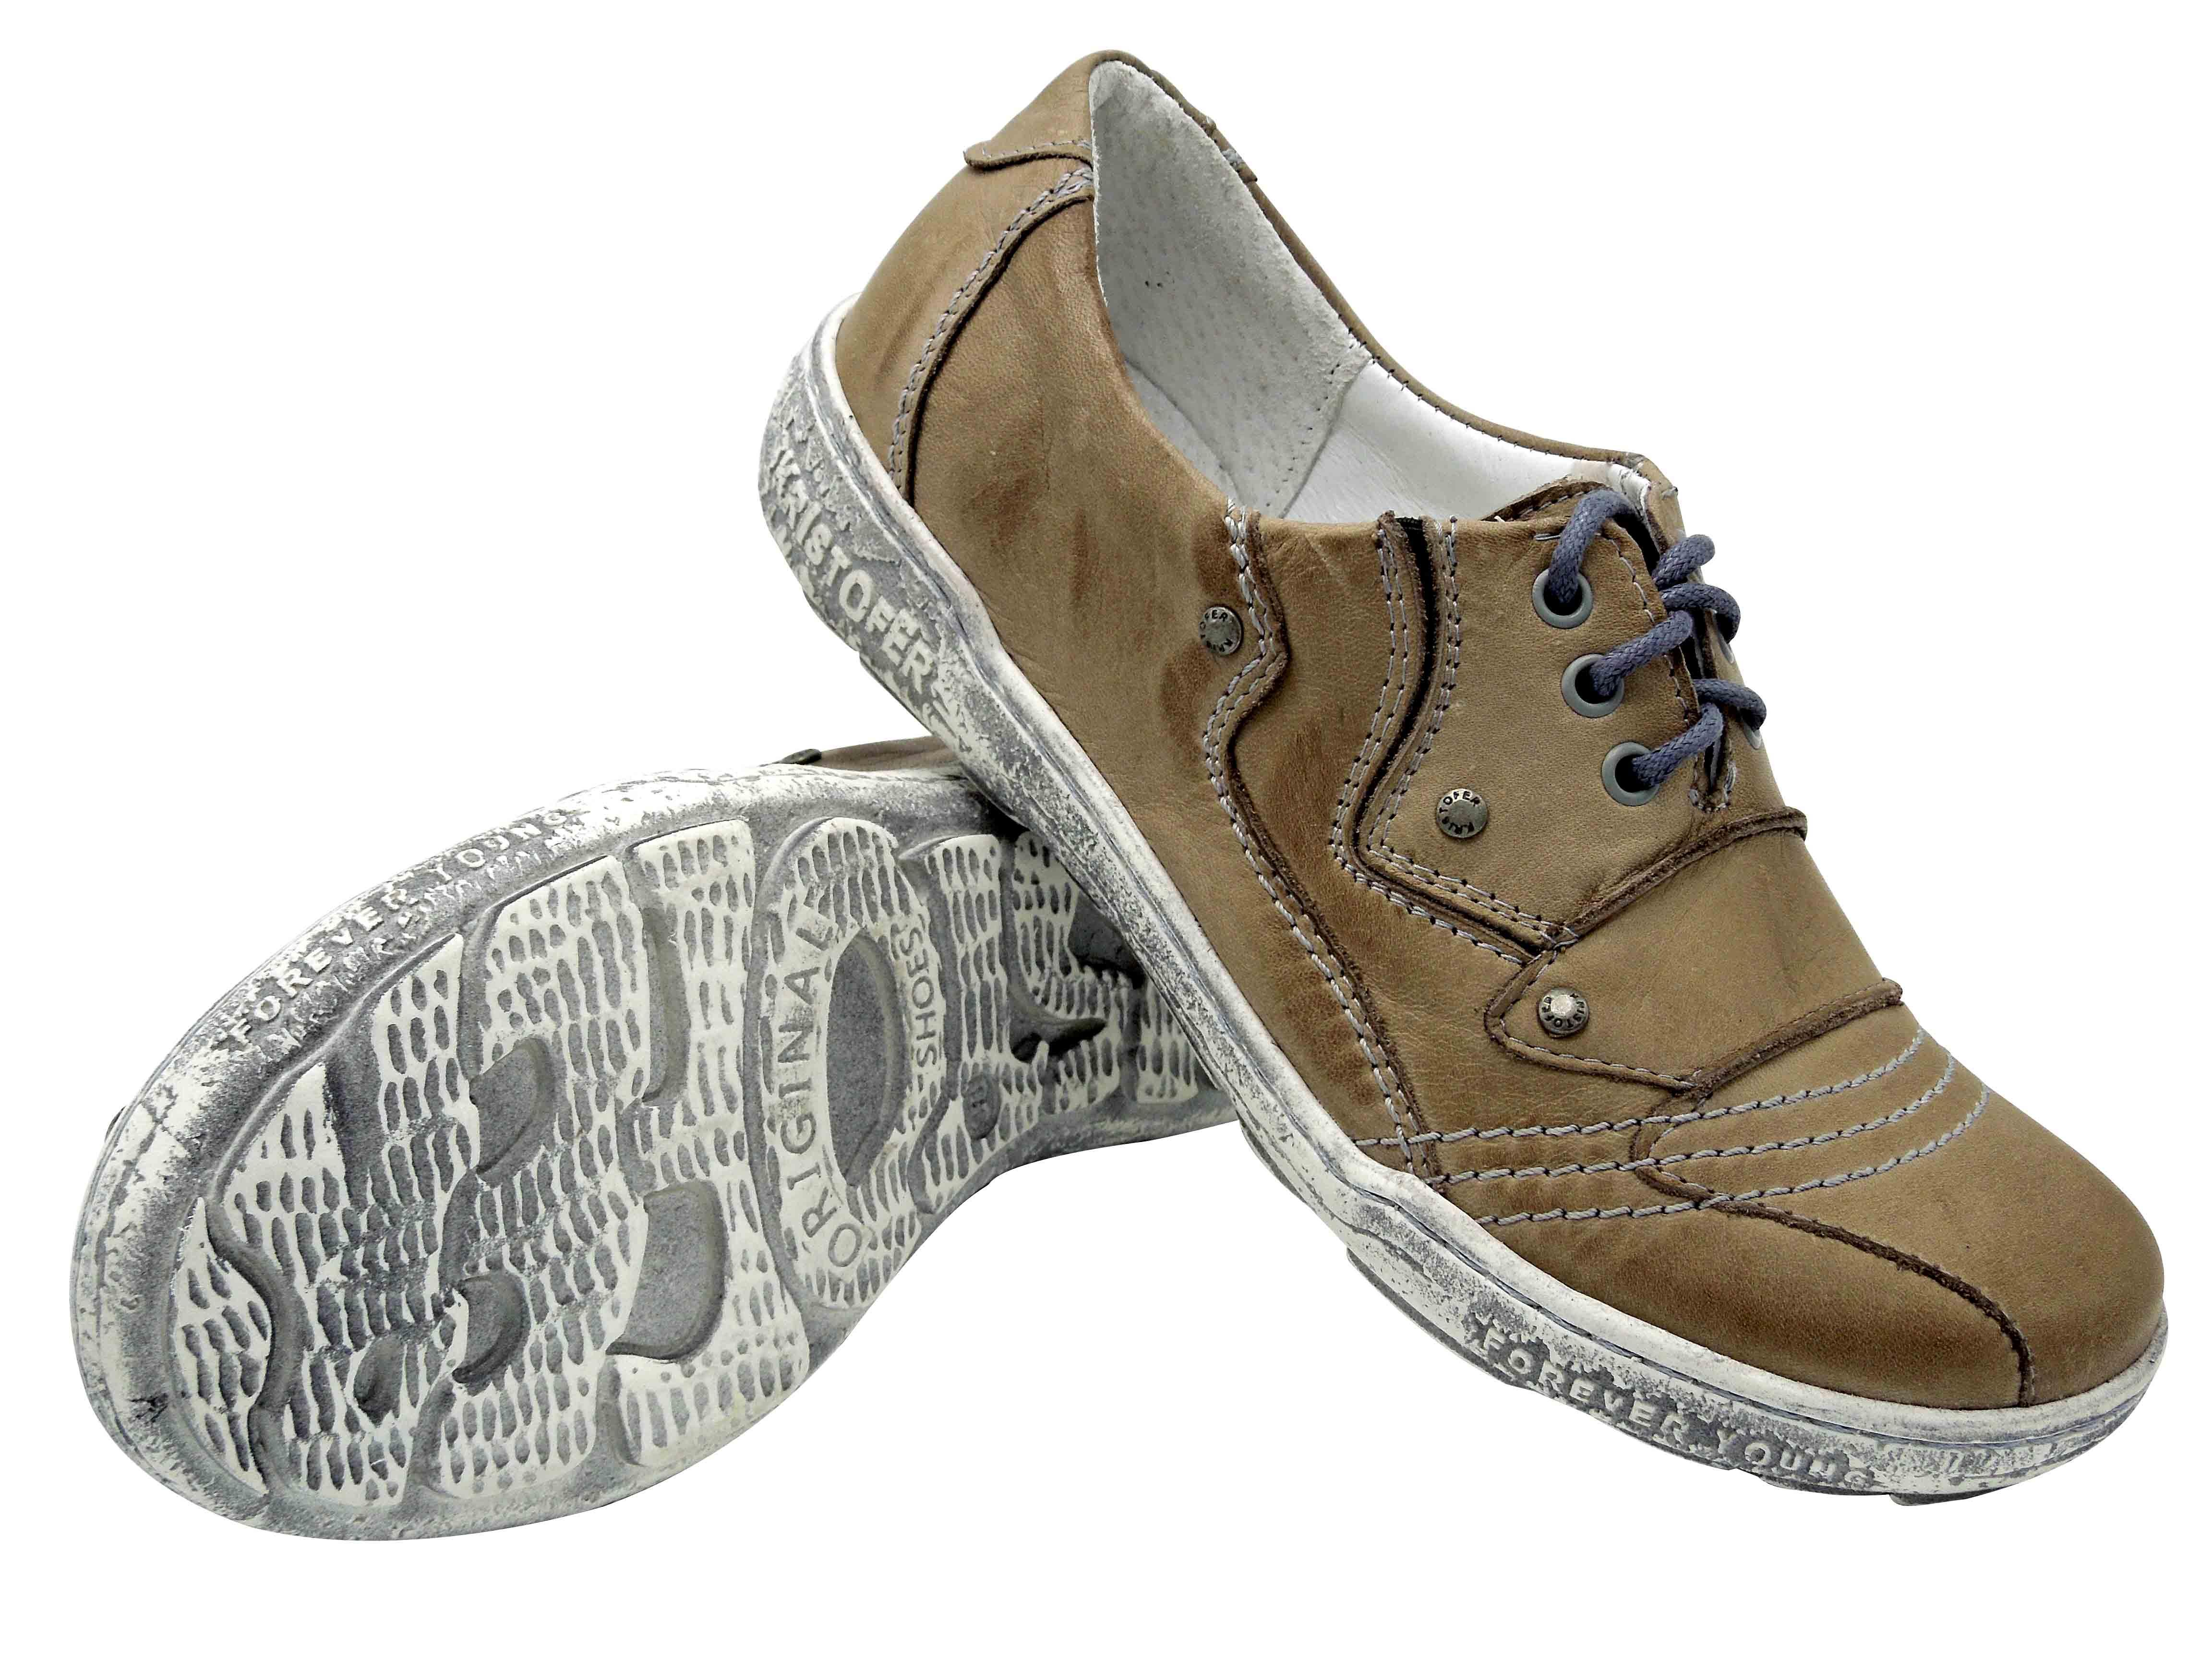 8129793bfdf1 Dámské boty Kristofer KR2047 šed-bež